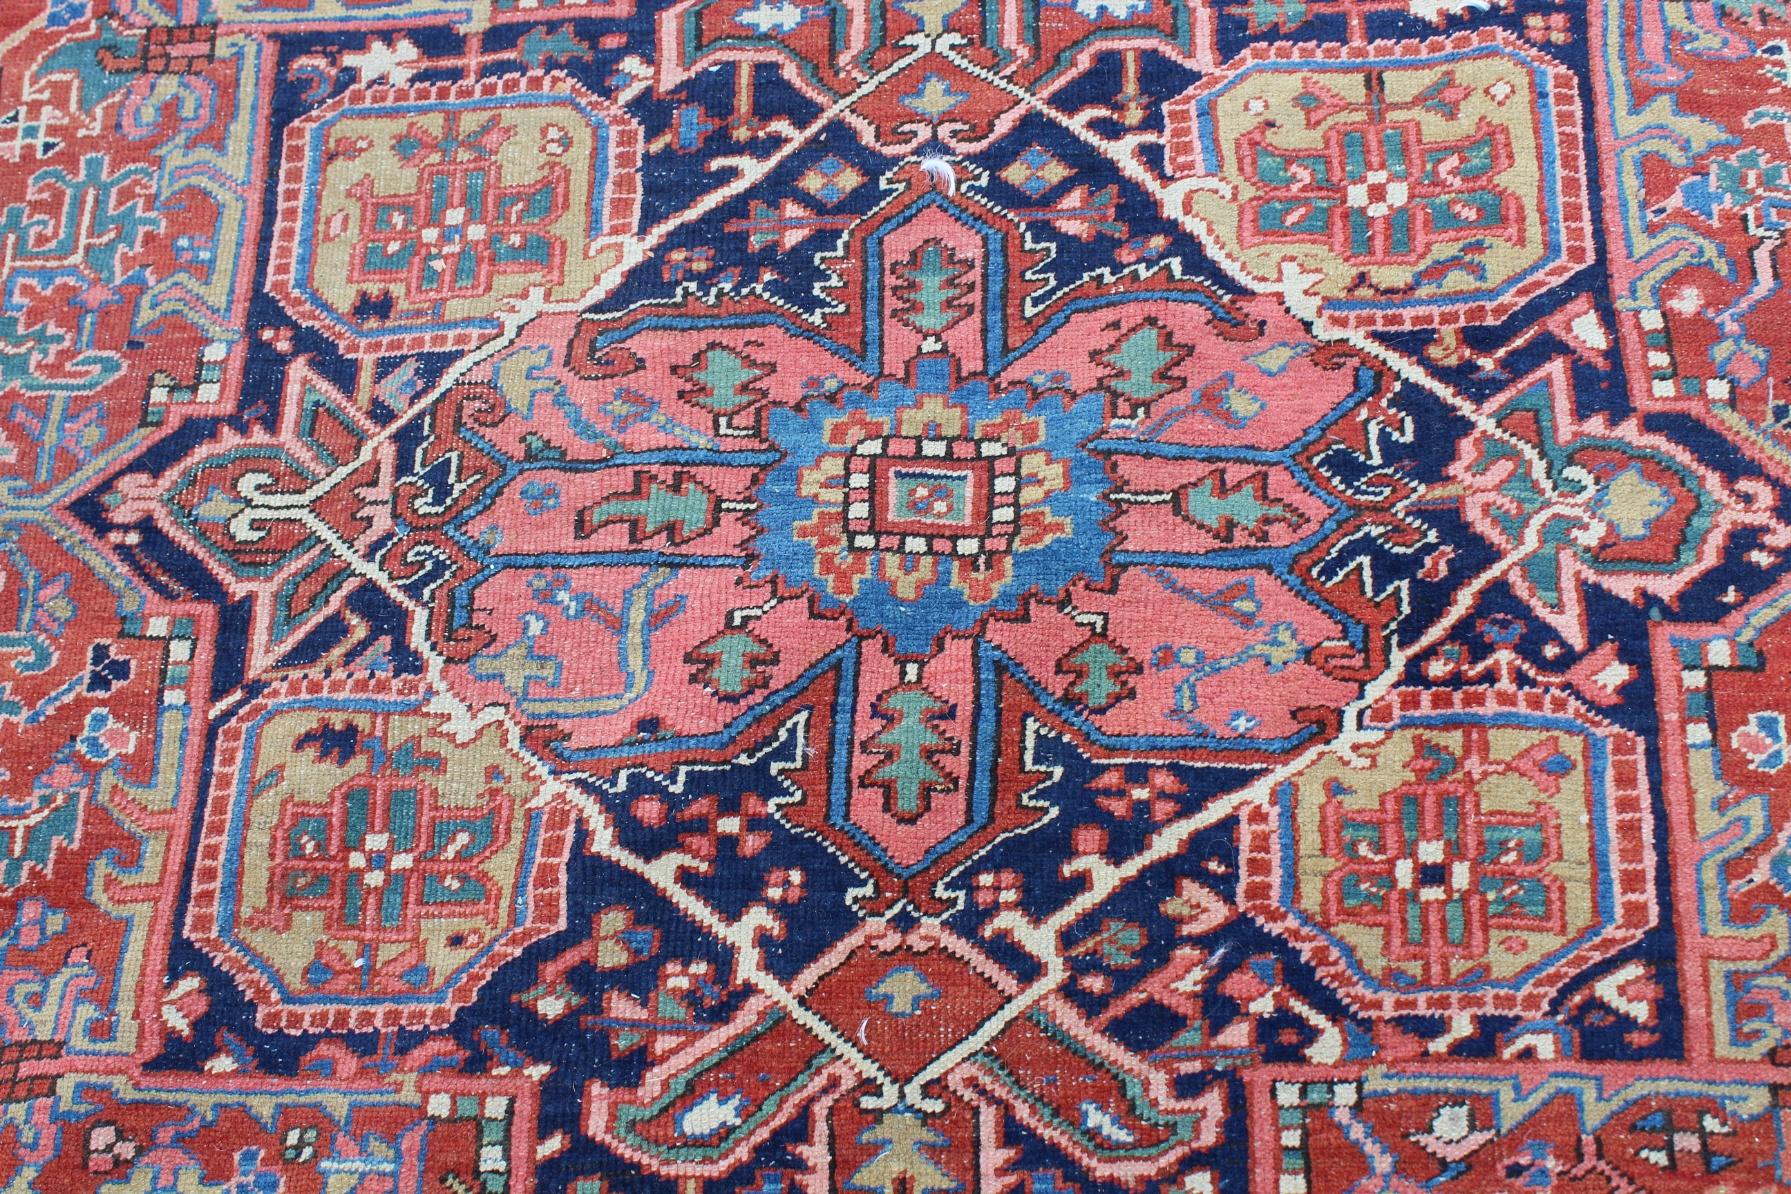 Antique Heriz Rug - Image 2 of 4